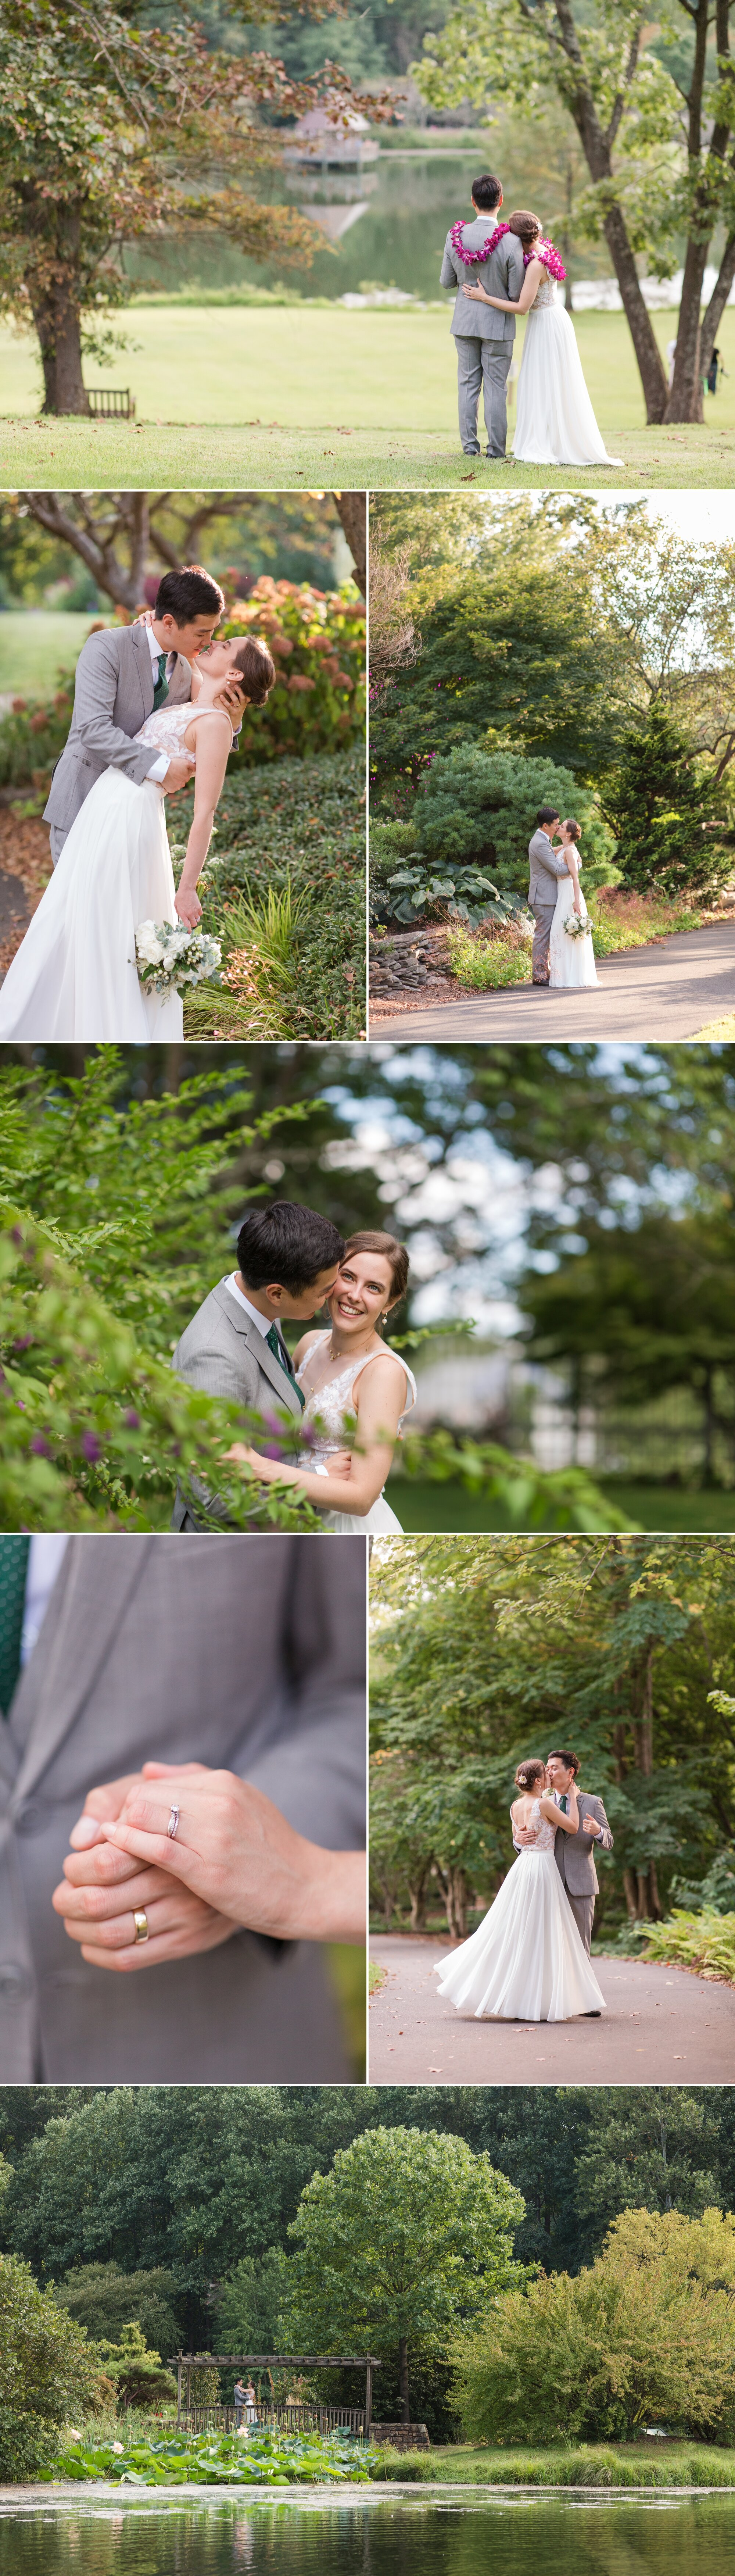 nova parks, meadowlark botanical gardens, atrium, wedding